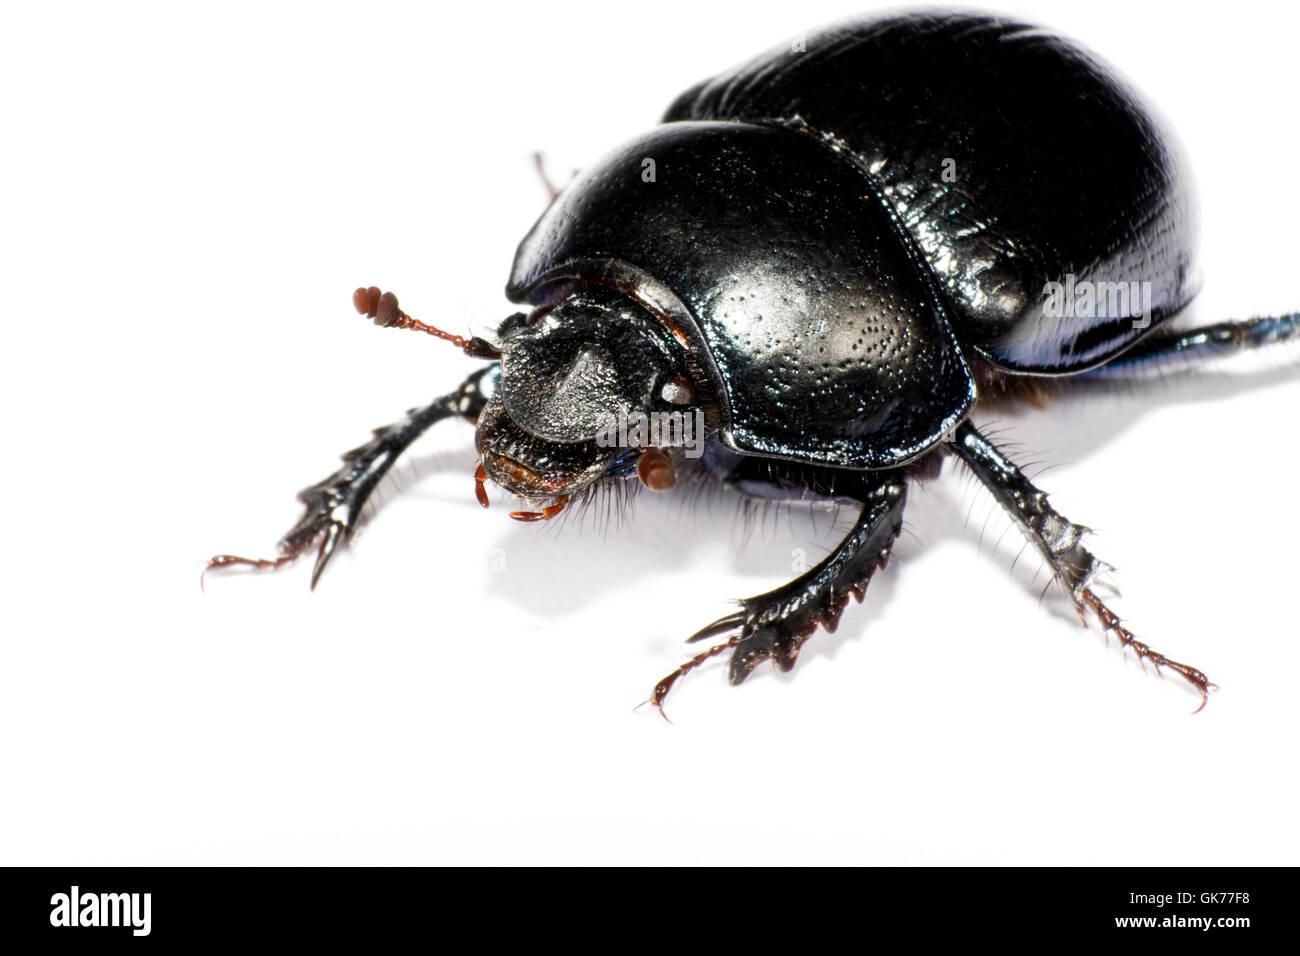 black bug in upper left corner - Stock Image